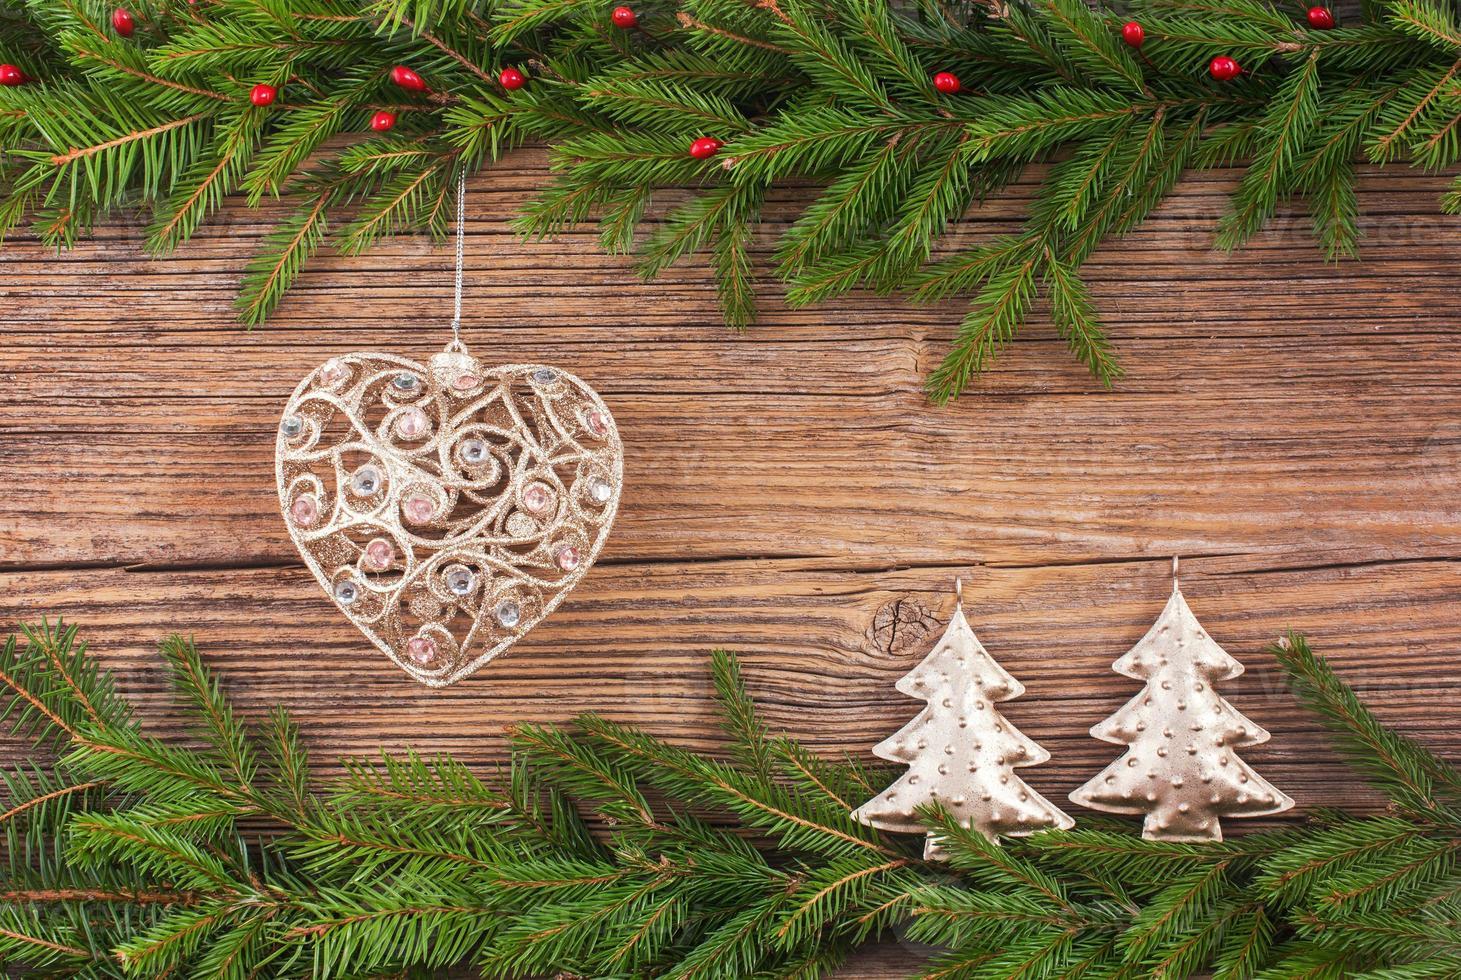 Weihnachtshintergrund. Weihnachtsbaum, Dekoration, hölzerner Hintergrund, Kopienraum. getönt foto